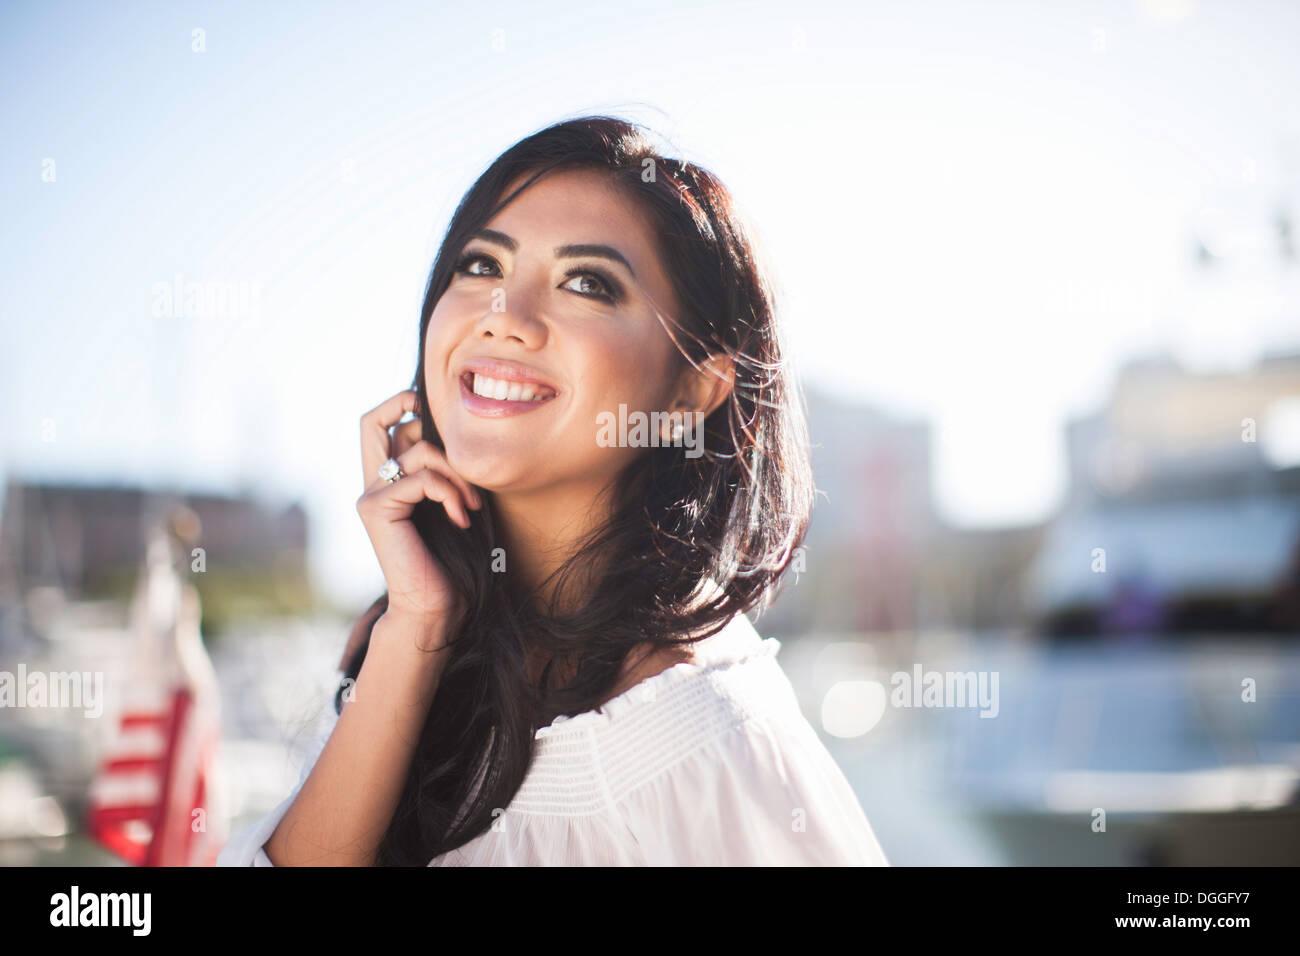 Retrato de mujer joven en yate en marina, San Francisco, California, EE.UU. Imagen De Stock